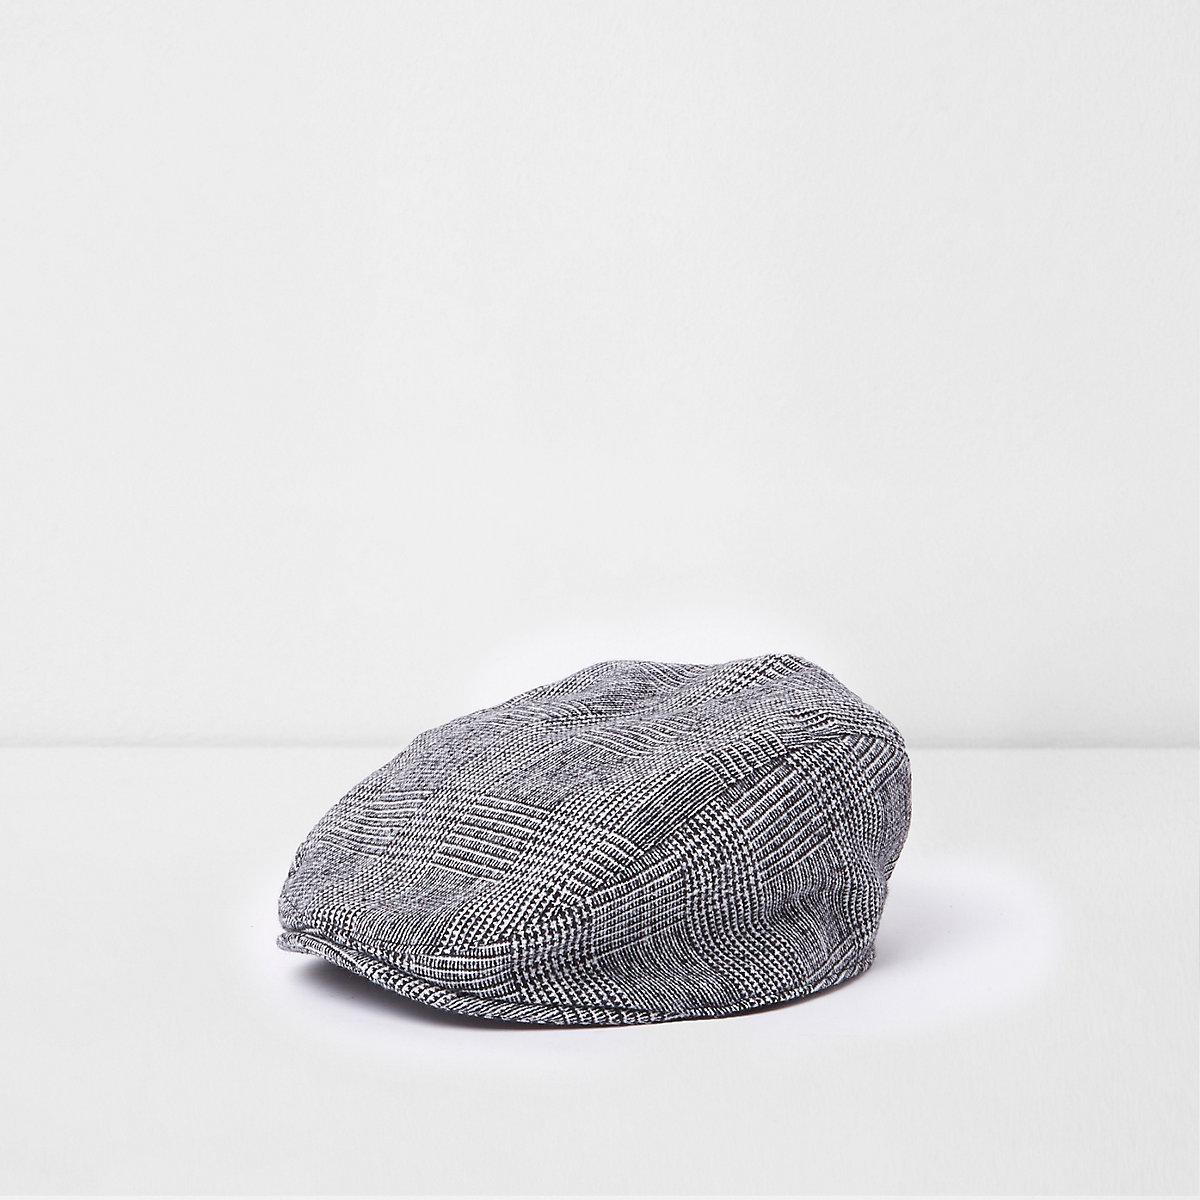 Casquette à carreaux grise avec visière plate mini garçon